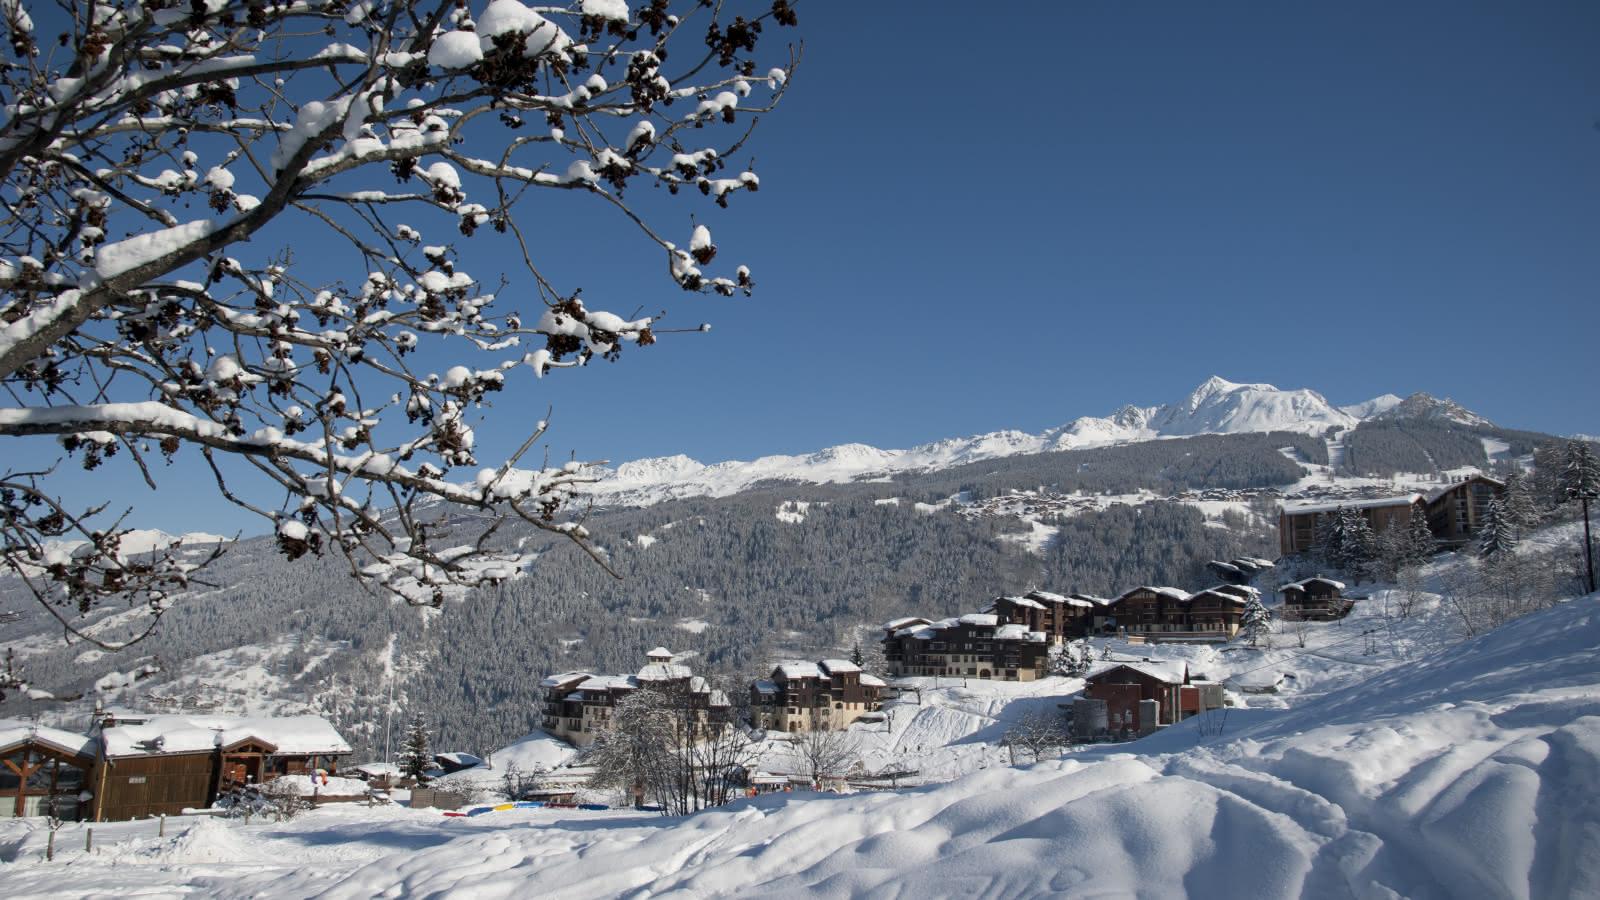 Vue enneigé du village de Montchavin